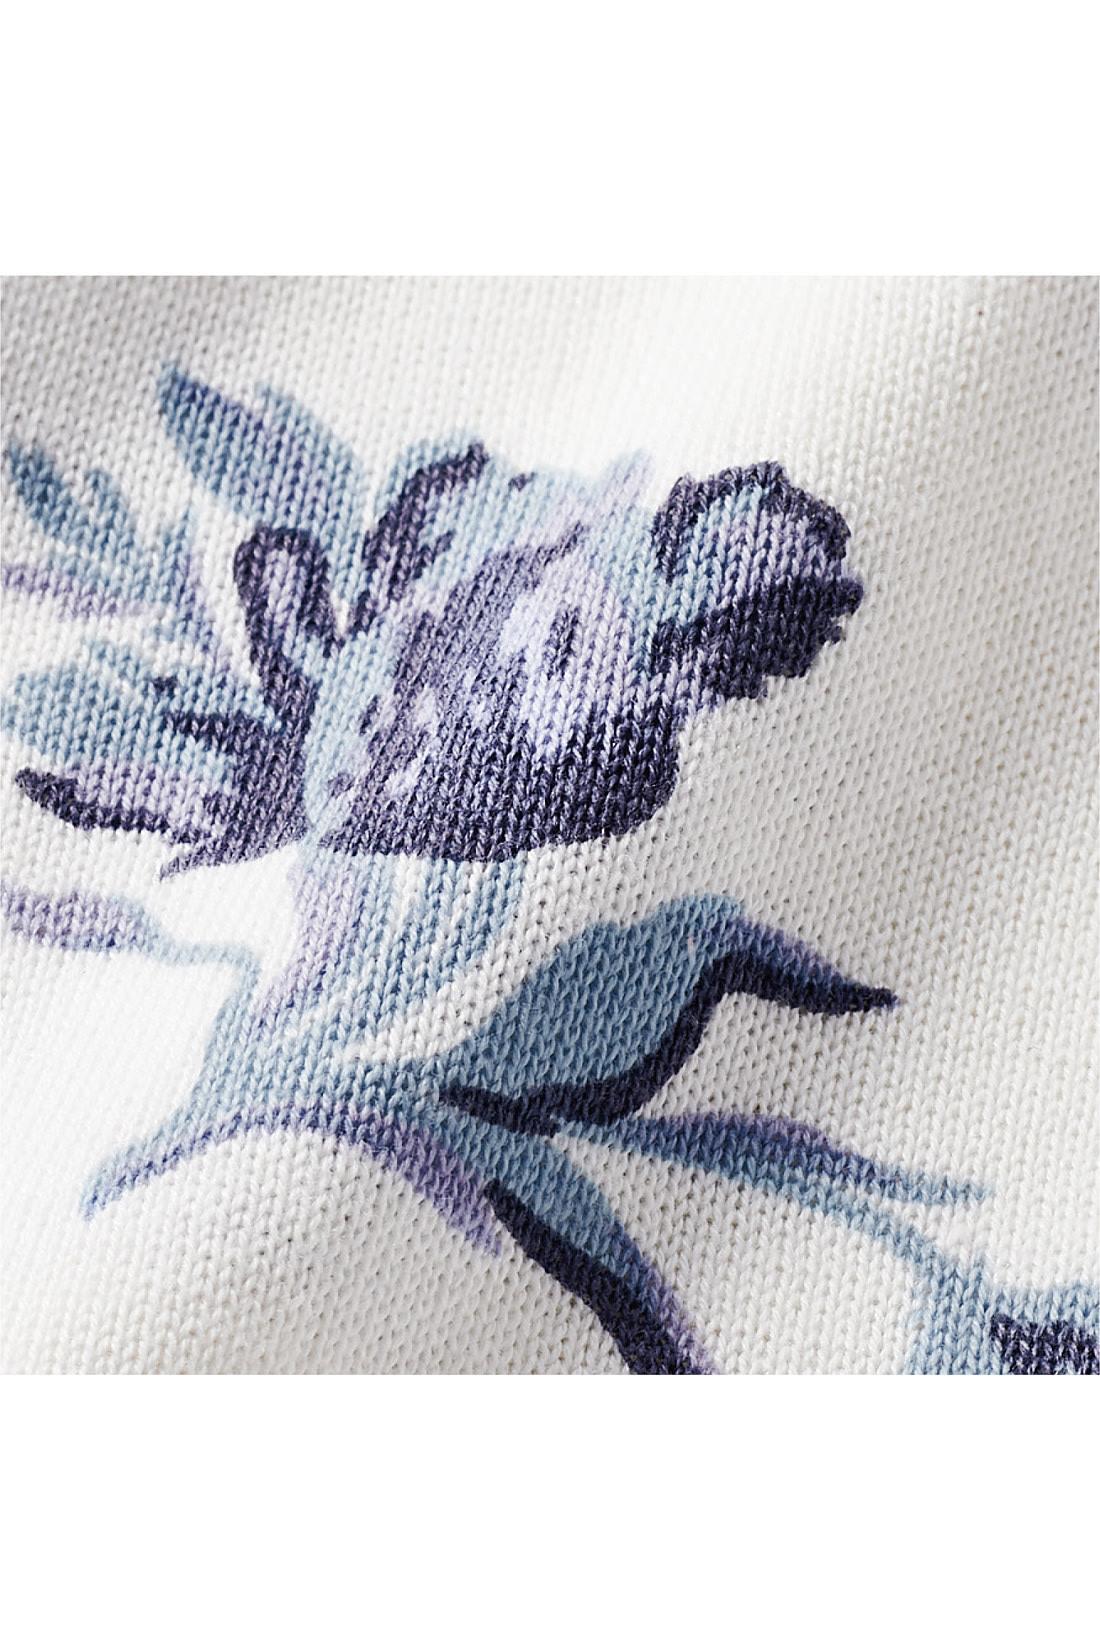 きれいな表面感のハイゲージニットは、さらりとした綿混素材で着心地も軽やか。